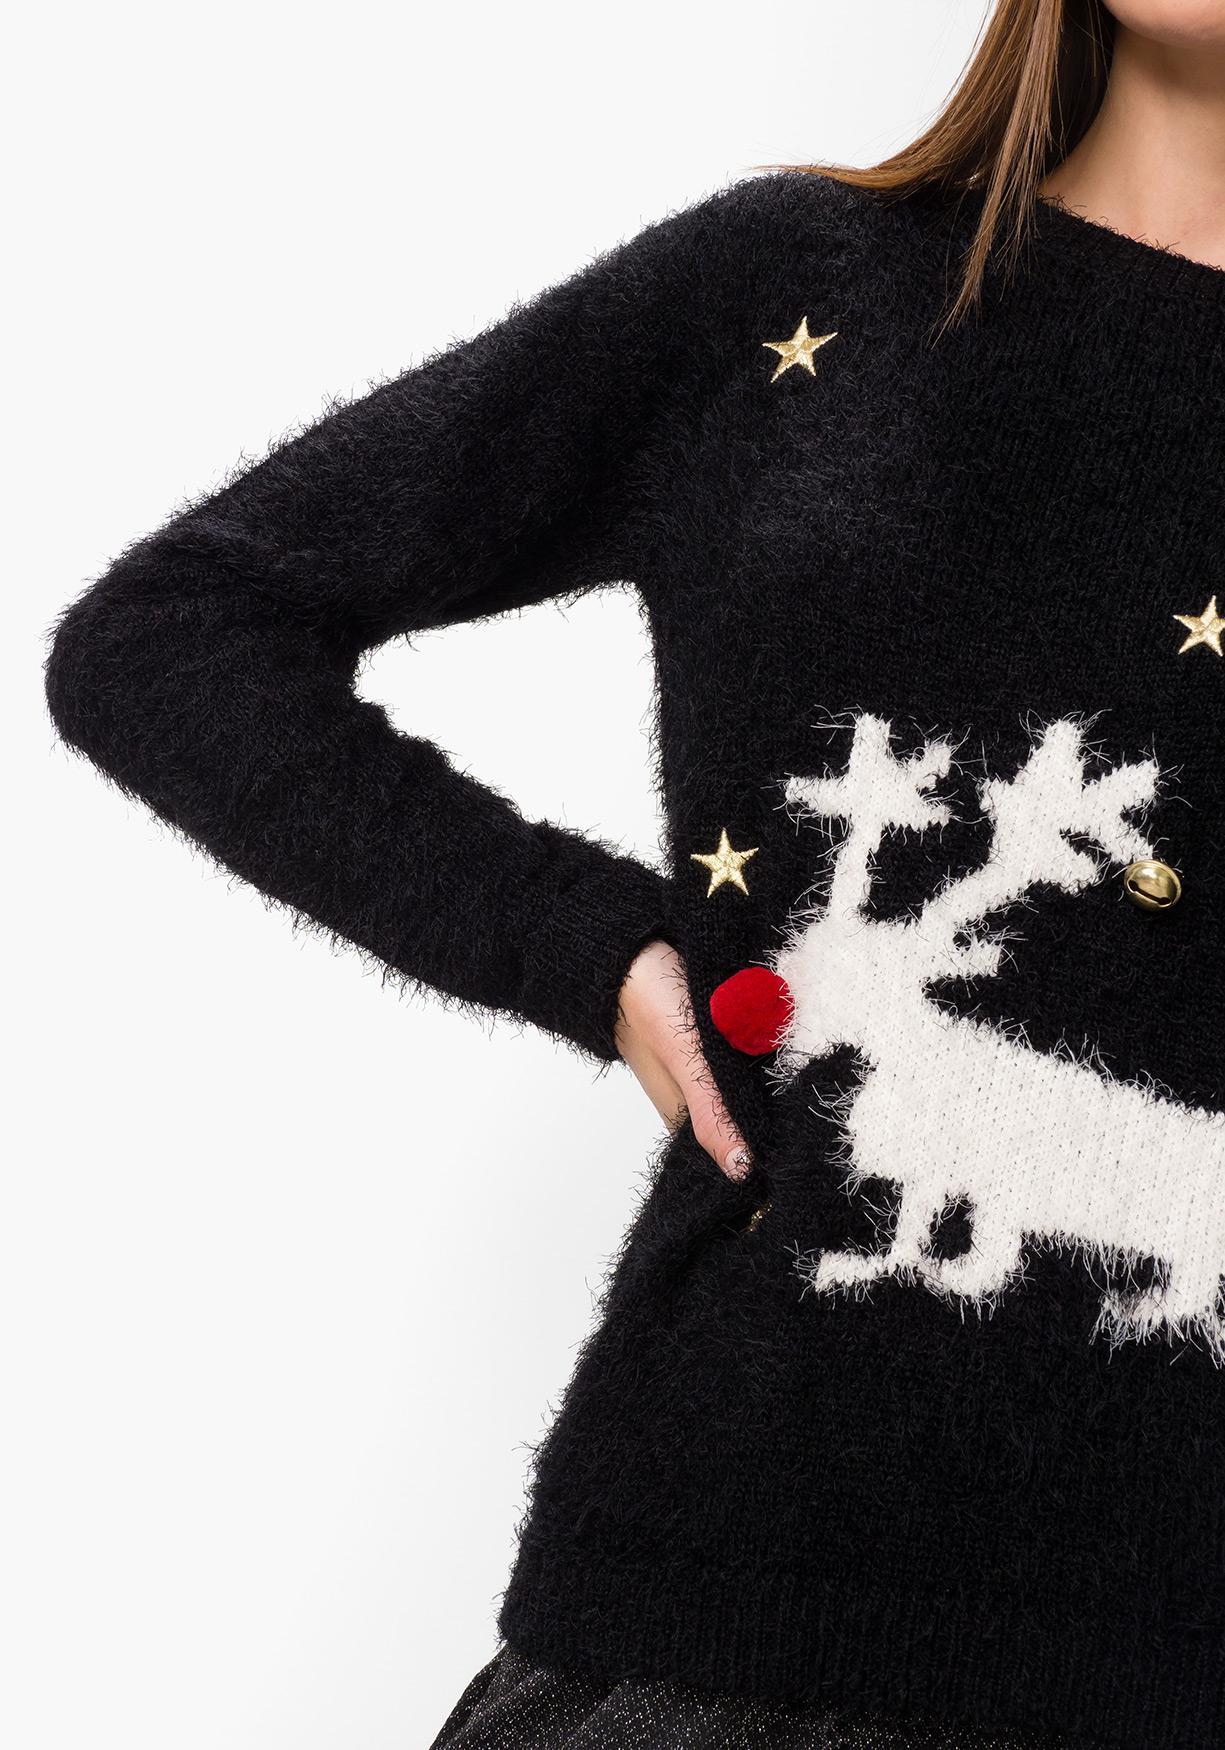 a25ed09bce422 Comprar Jersey de Navidad TEX. ¡Aprovéchate de nuestros precios y ...